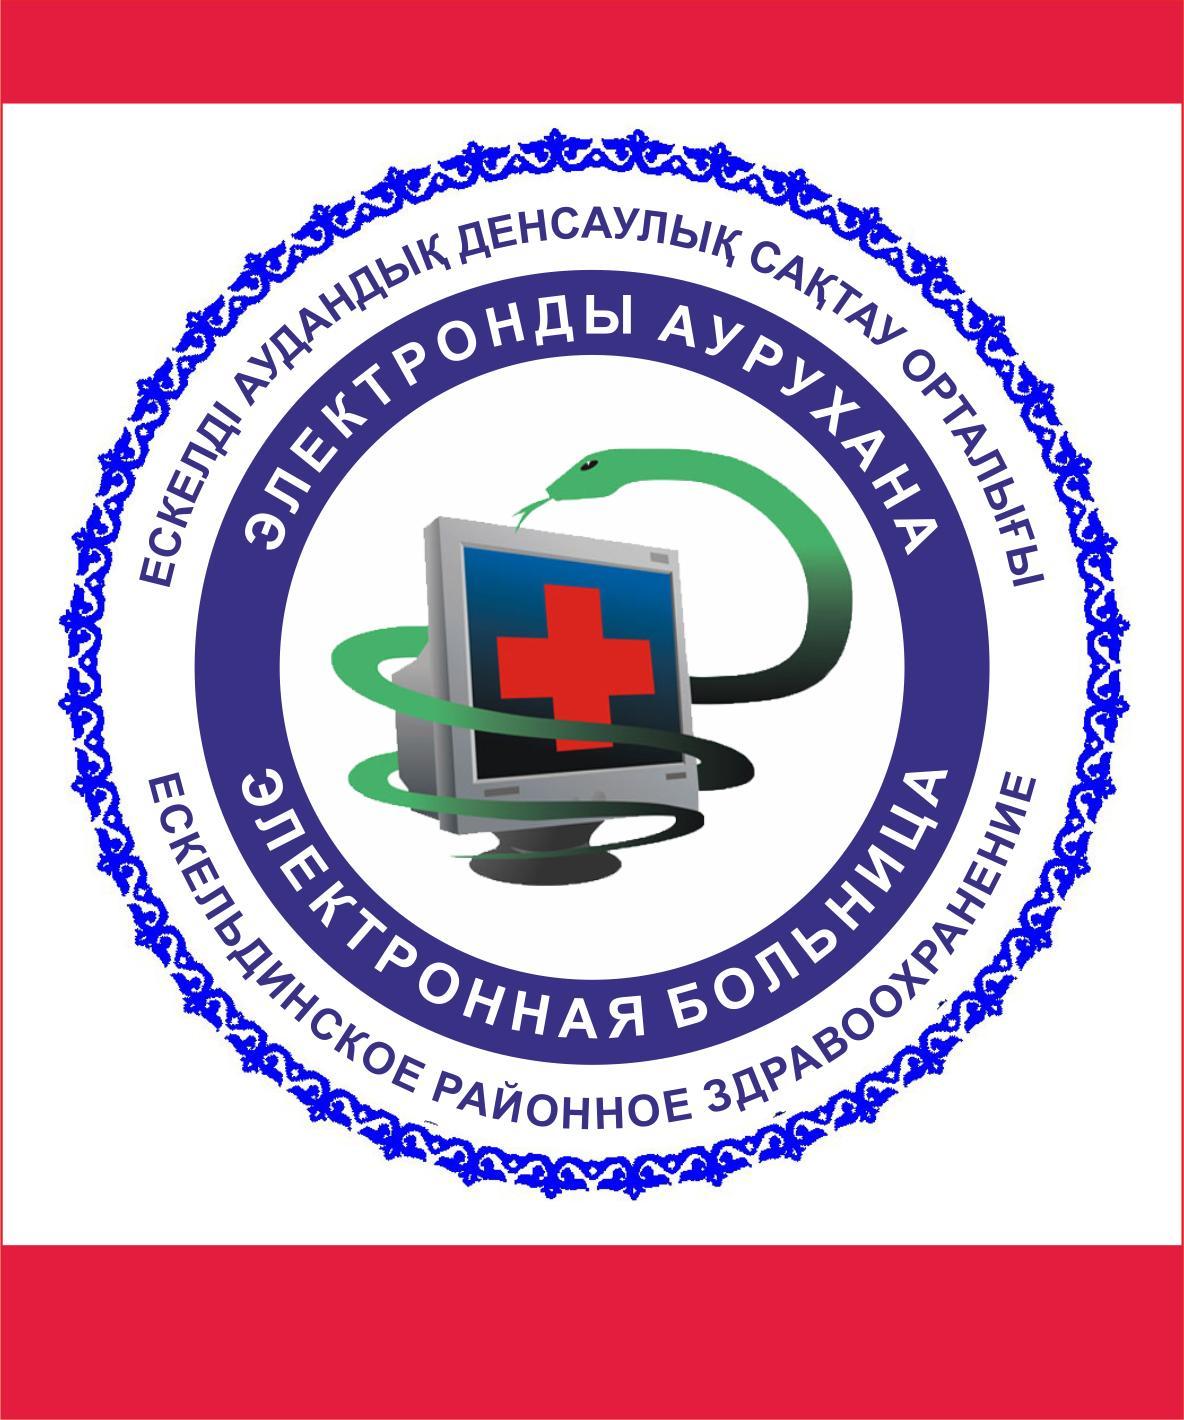 ЦРБ Ескельдинского района, ГКП, Карабулак